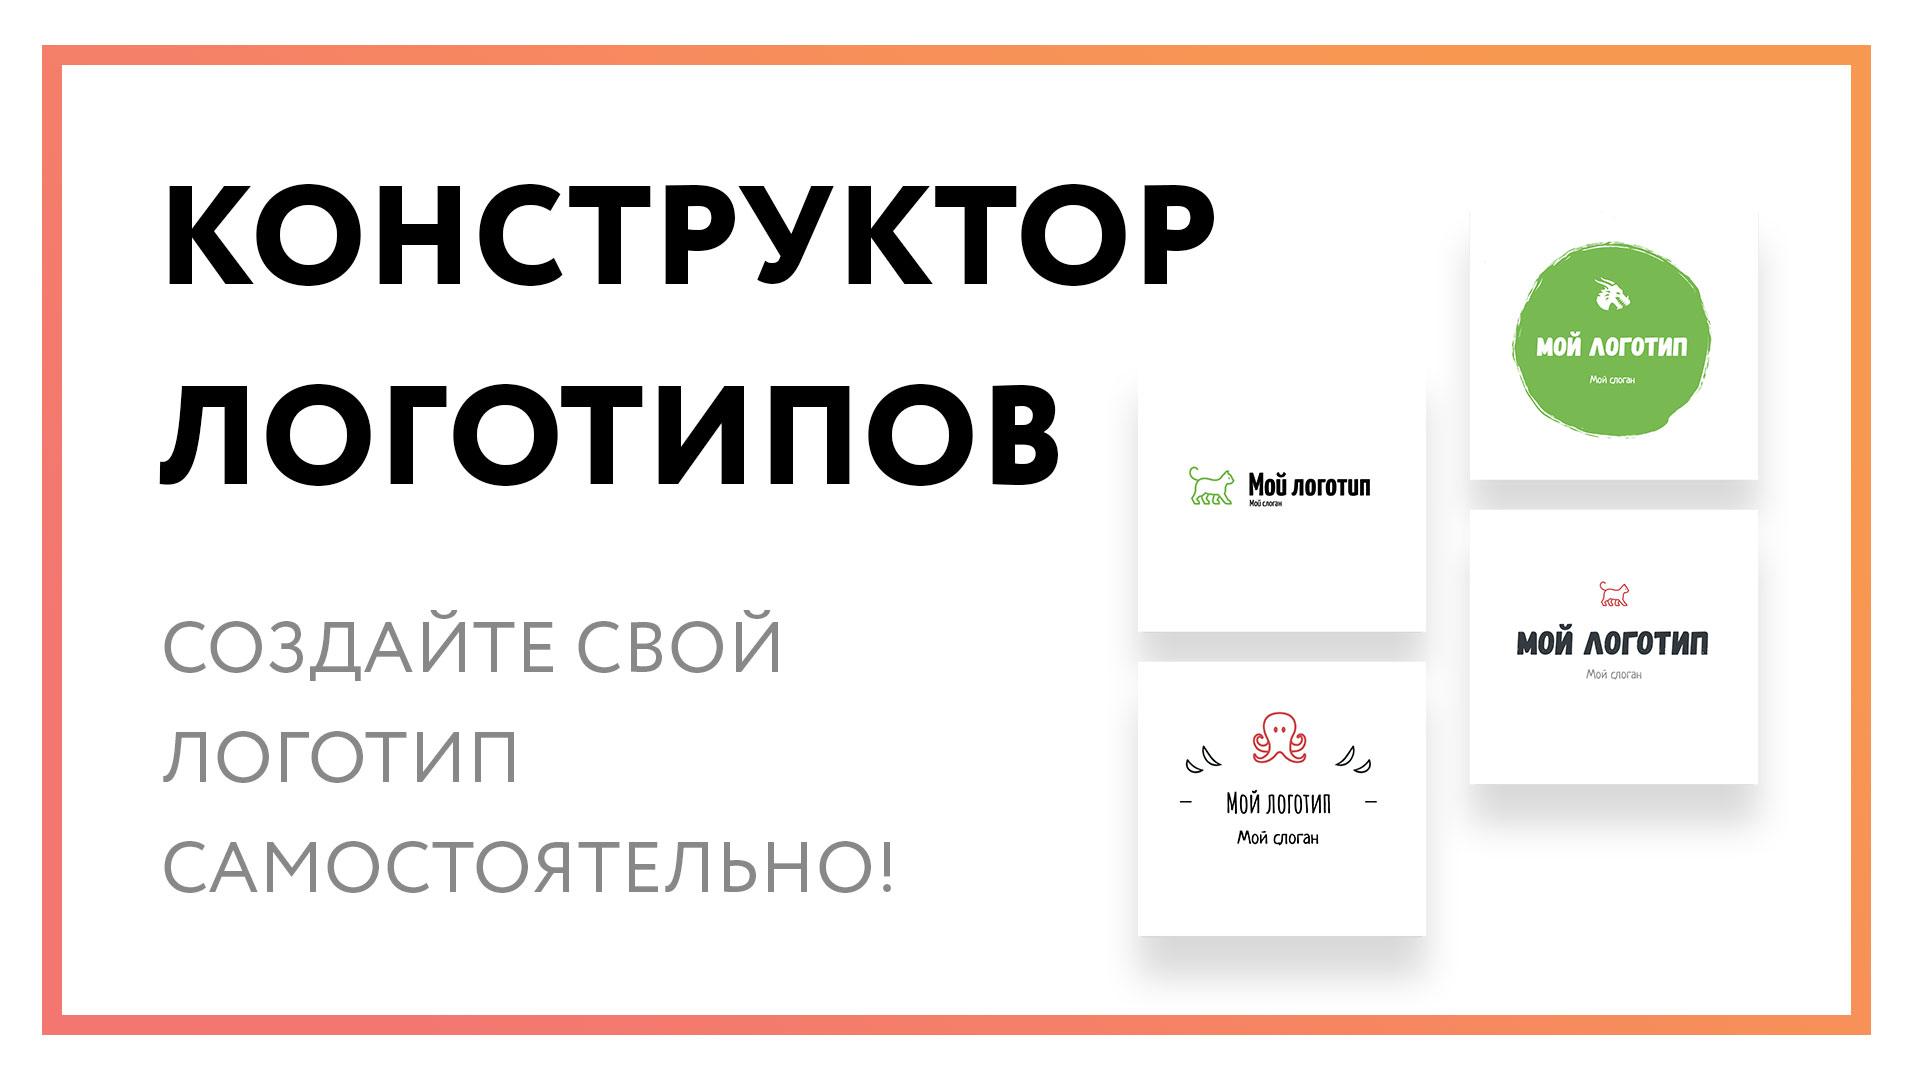 konstruktor-logotipov.jpg